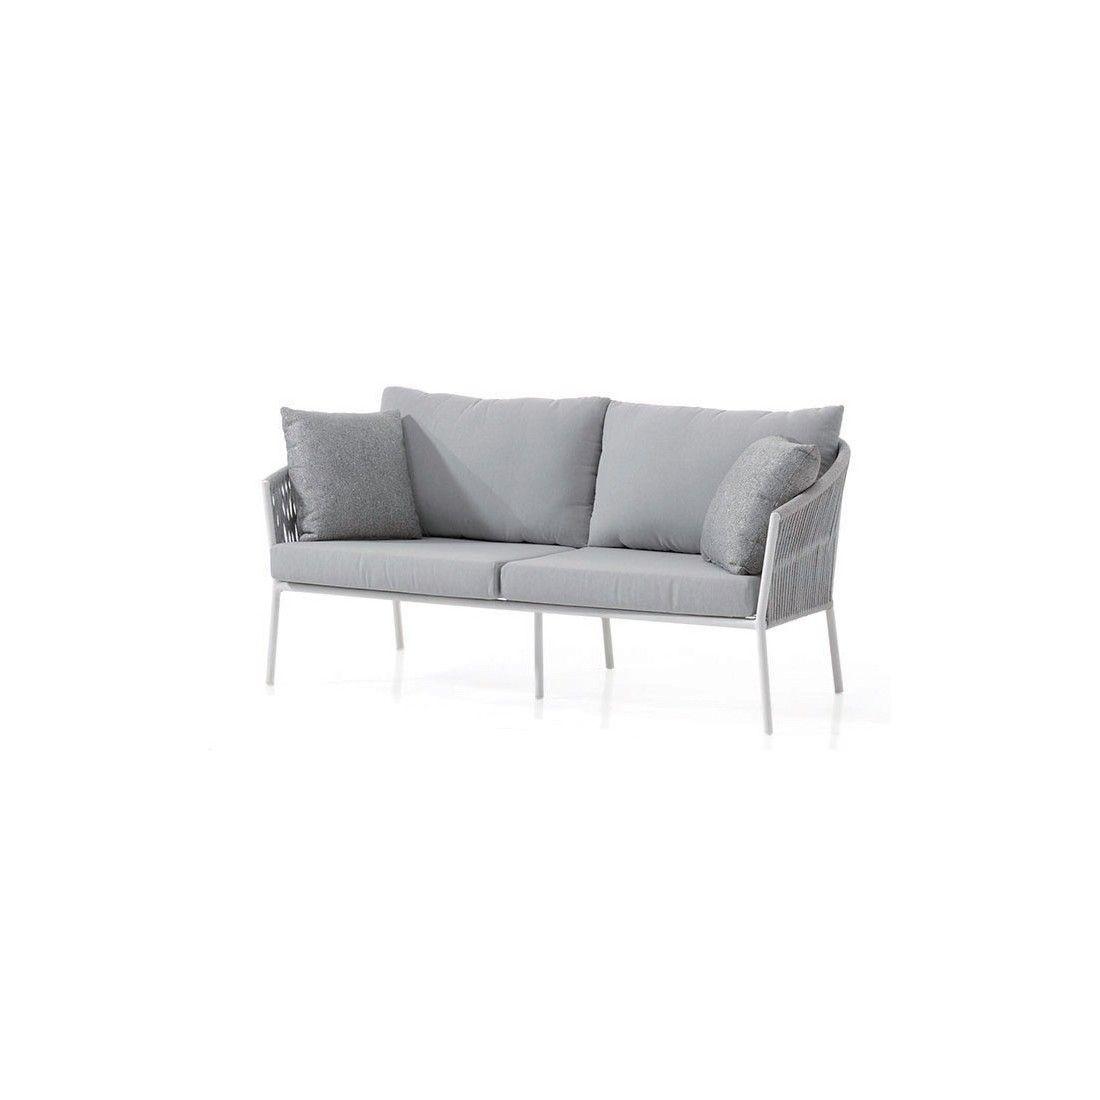 Canapé design avec coussin, Gabon